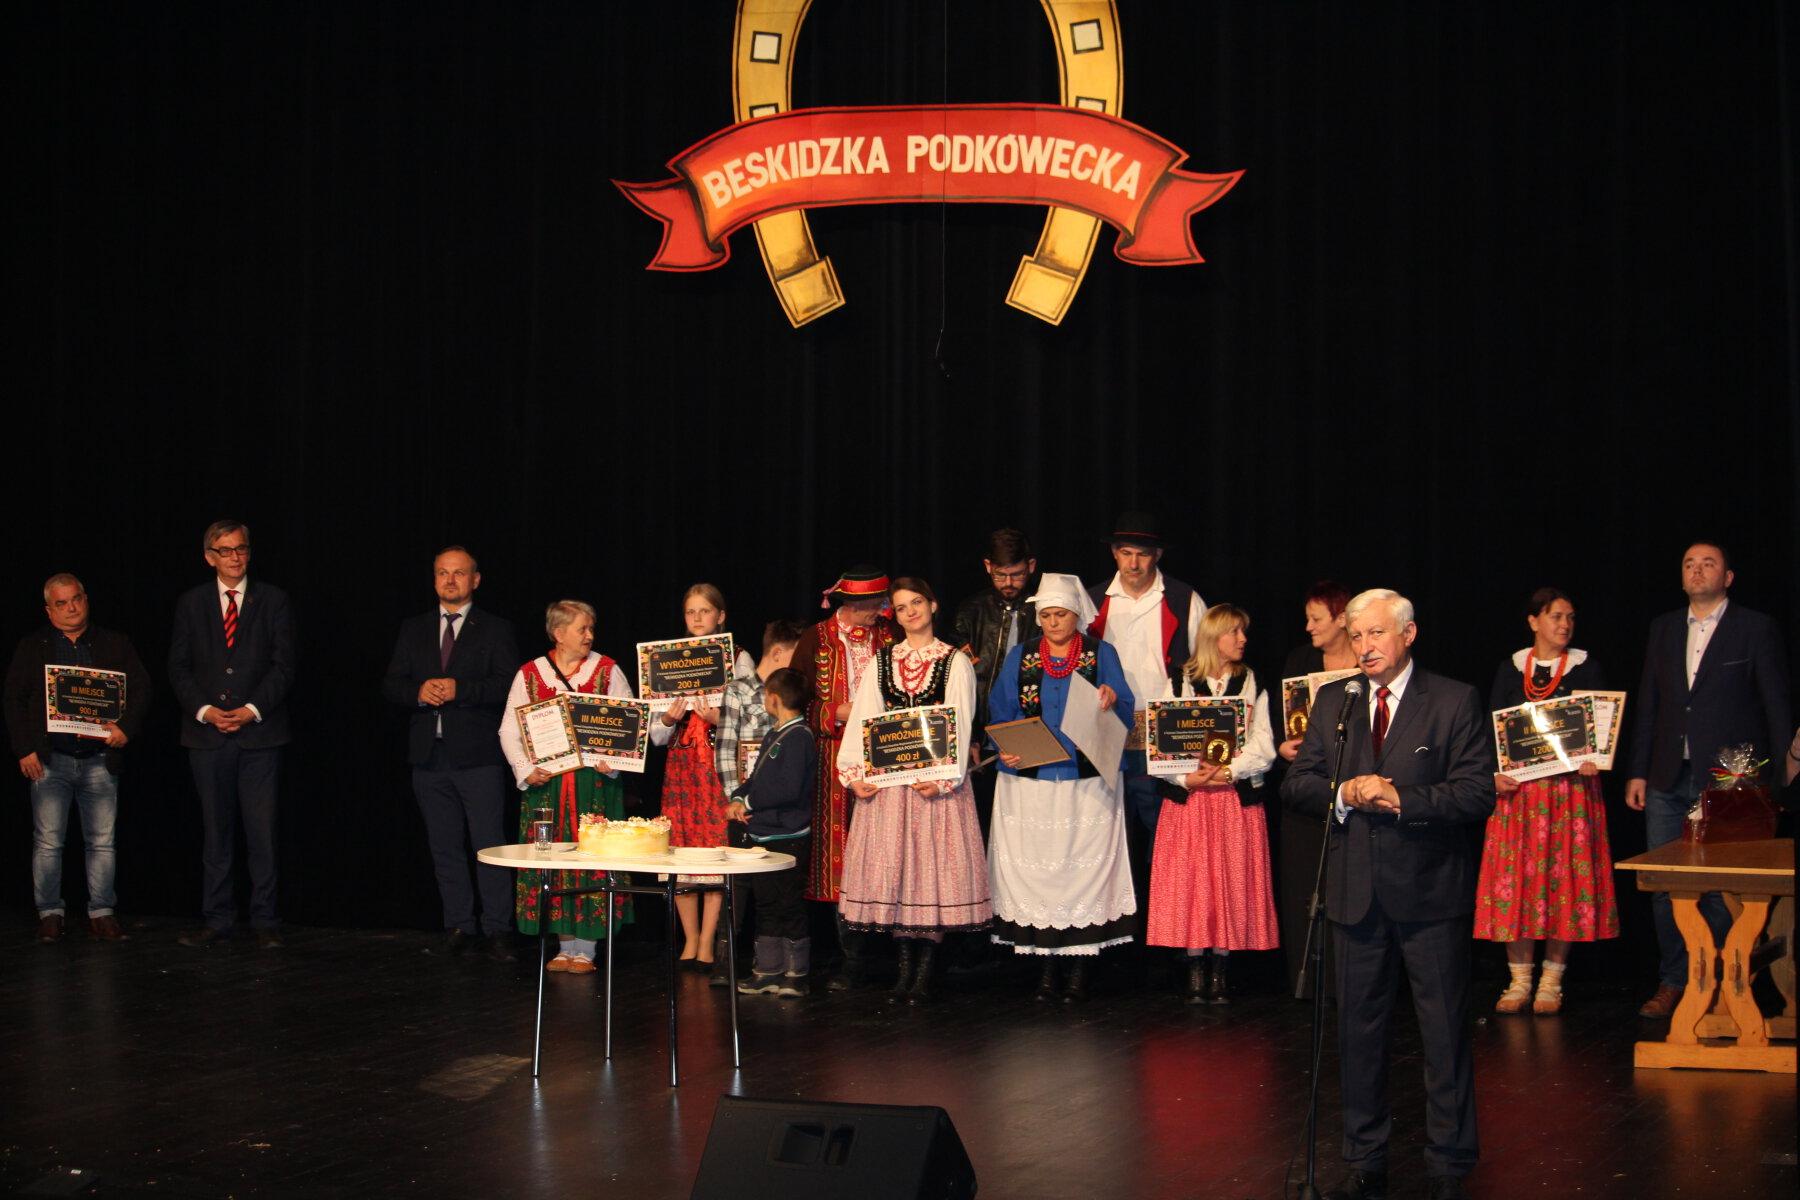 Beskidzka Podkówecka - zdjecie przedstawiajace moment wreczenia nagród na scenie Limanowskiego Domu Kultury